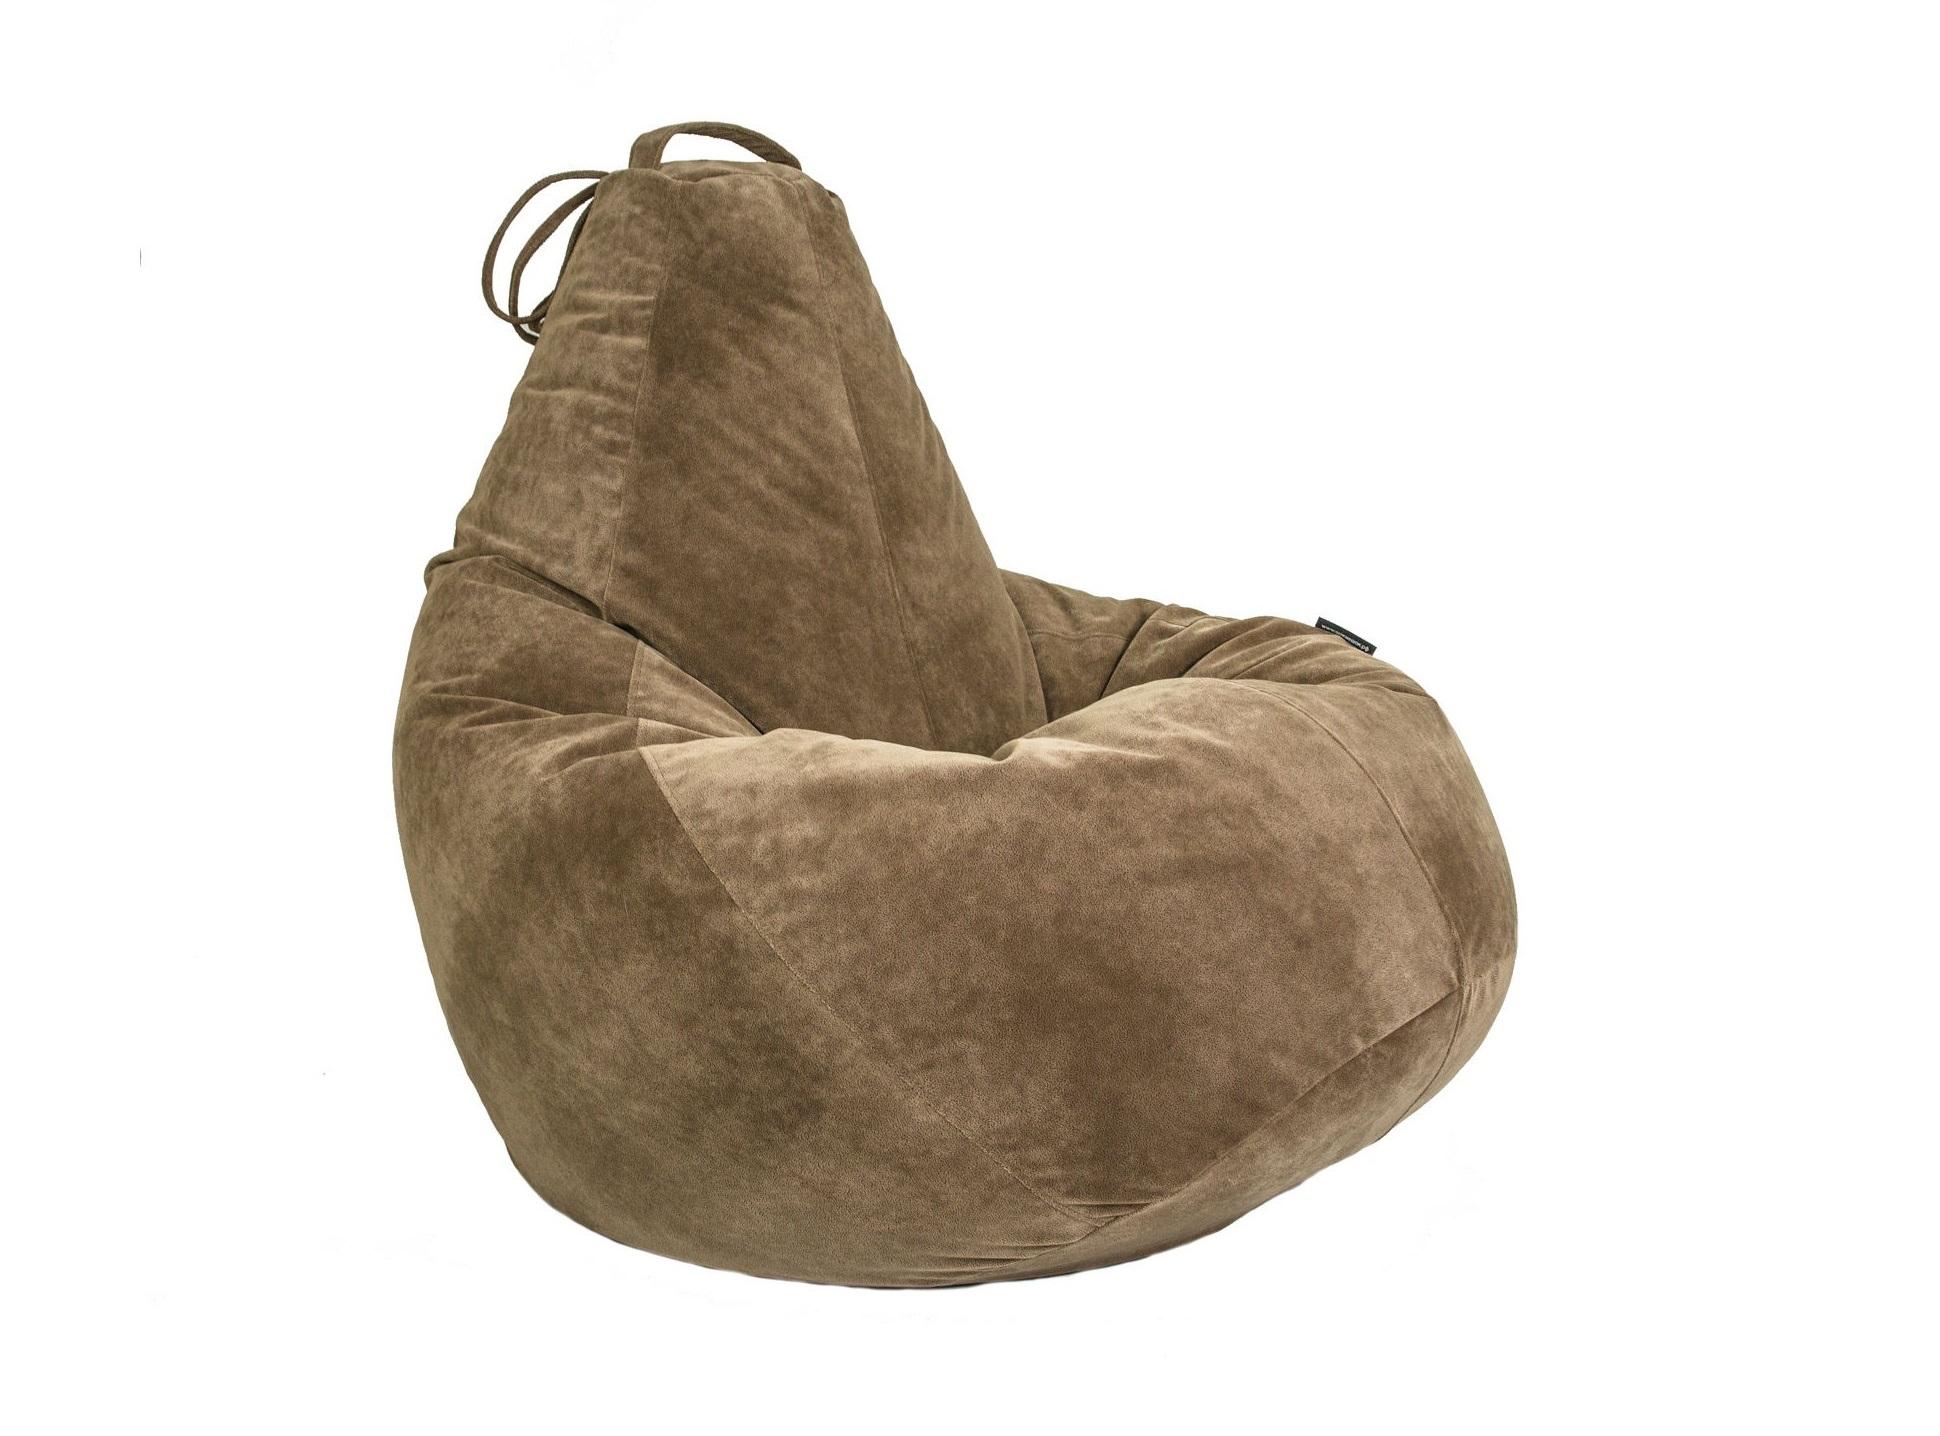 Бескаркасное креслоКресла-мешки<br><br><br>Material: Текстиль<br>Ширина см: 95<br>Высота см: 150<br>Глубина см: 95